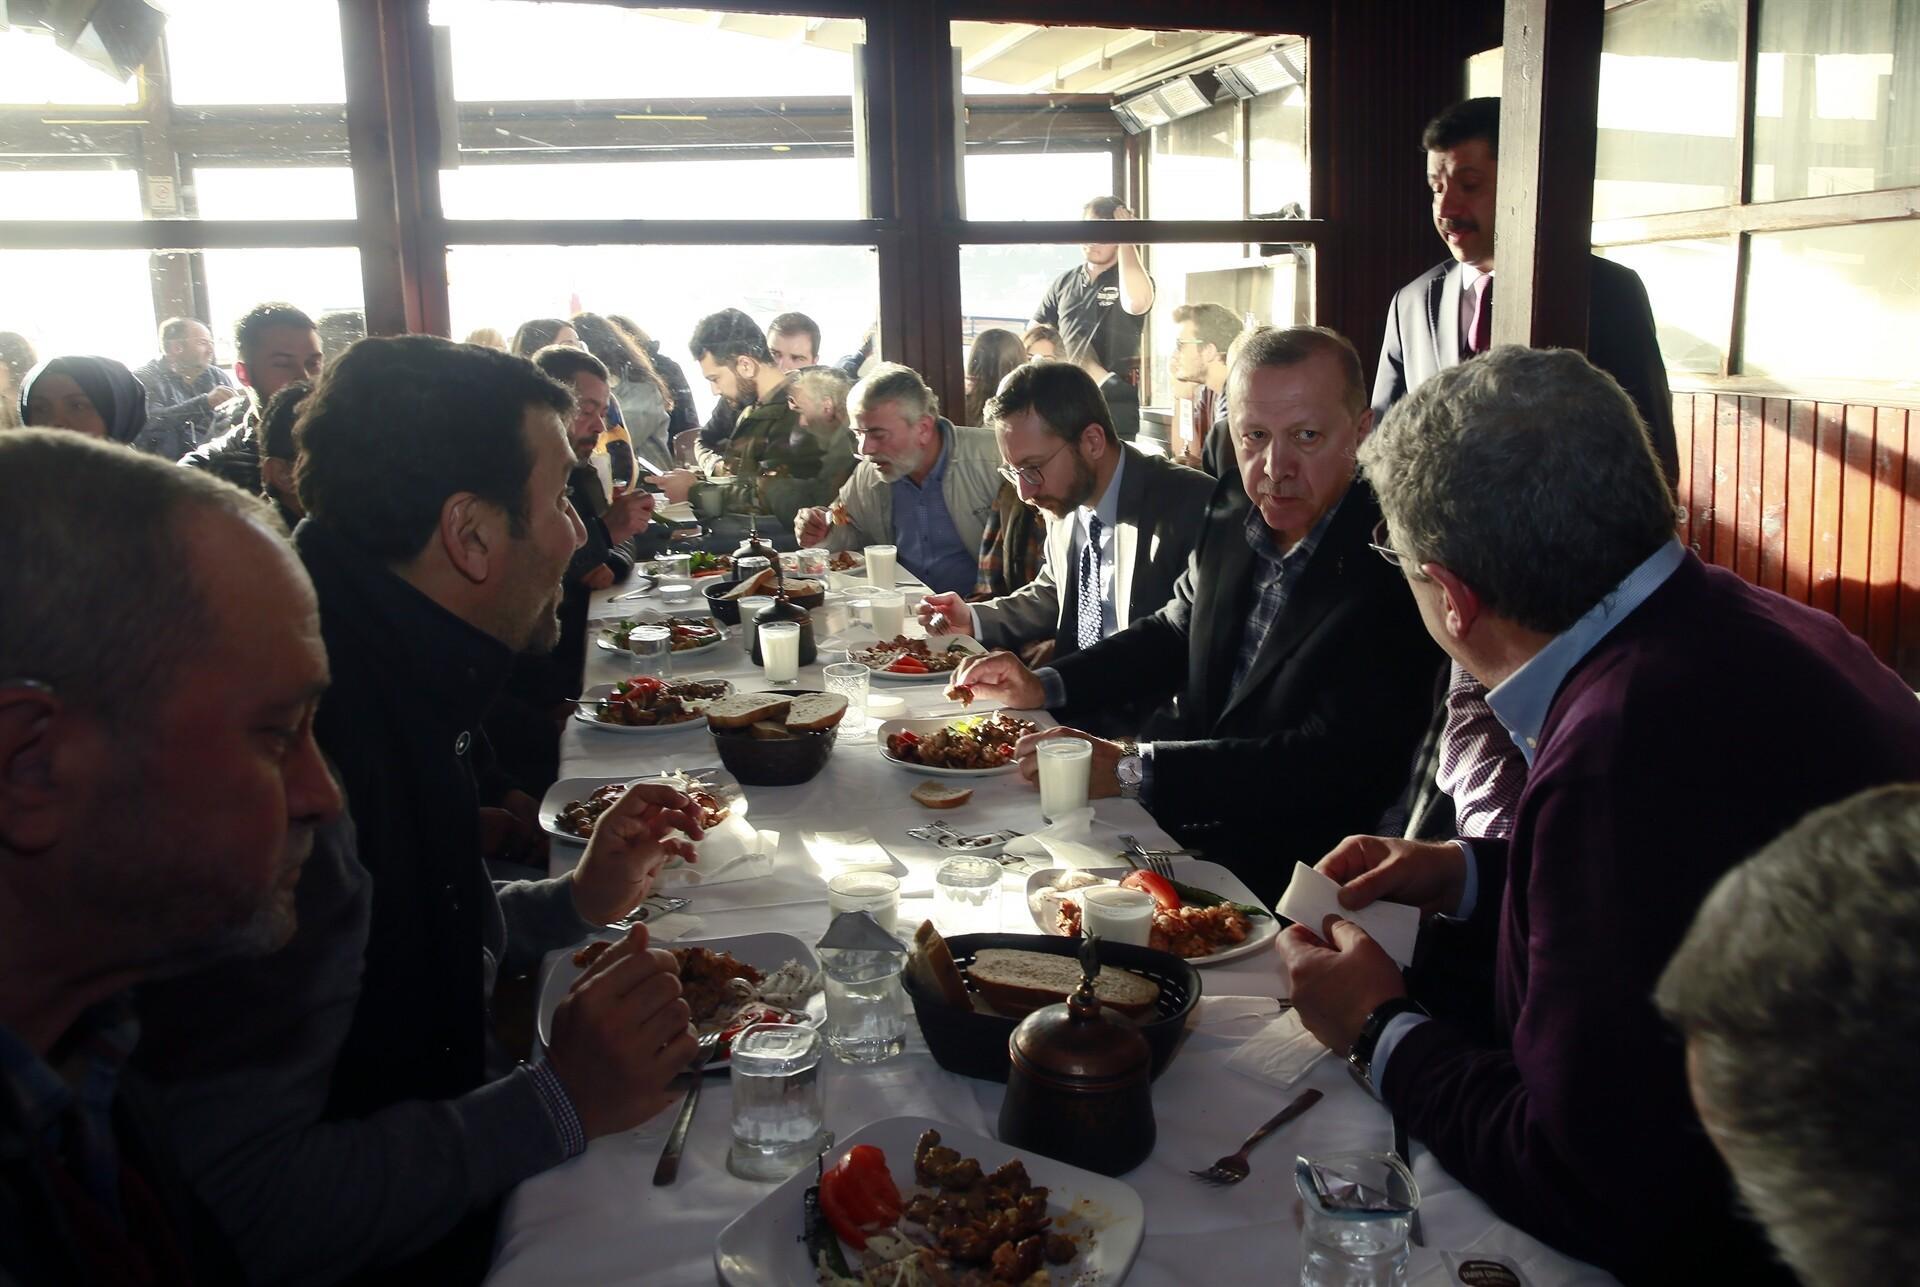 Cumhurbaşkanı Erdoğan'dan sürpriz ziyaret! Vatandaşlar yoğun ilgi gösterdi